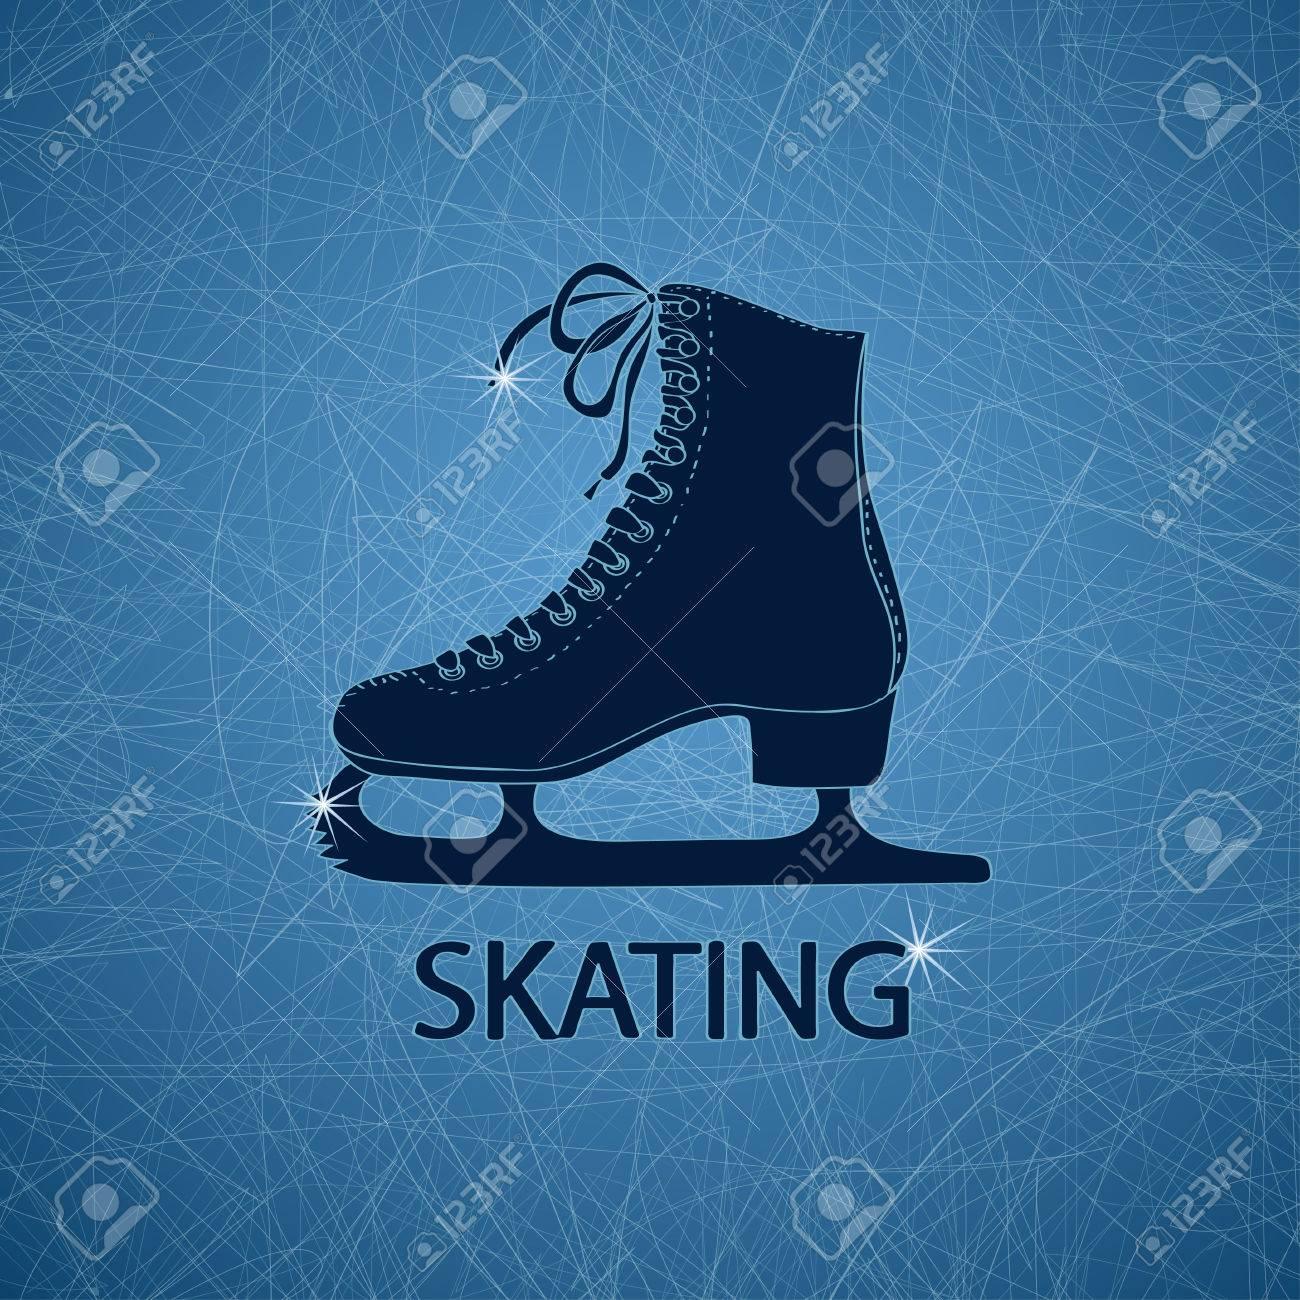 Ilustración Con La Figura De Skate En Una Pista De Patinaje Sobre ...